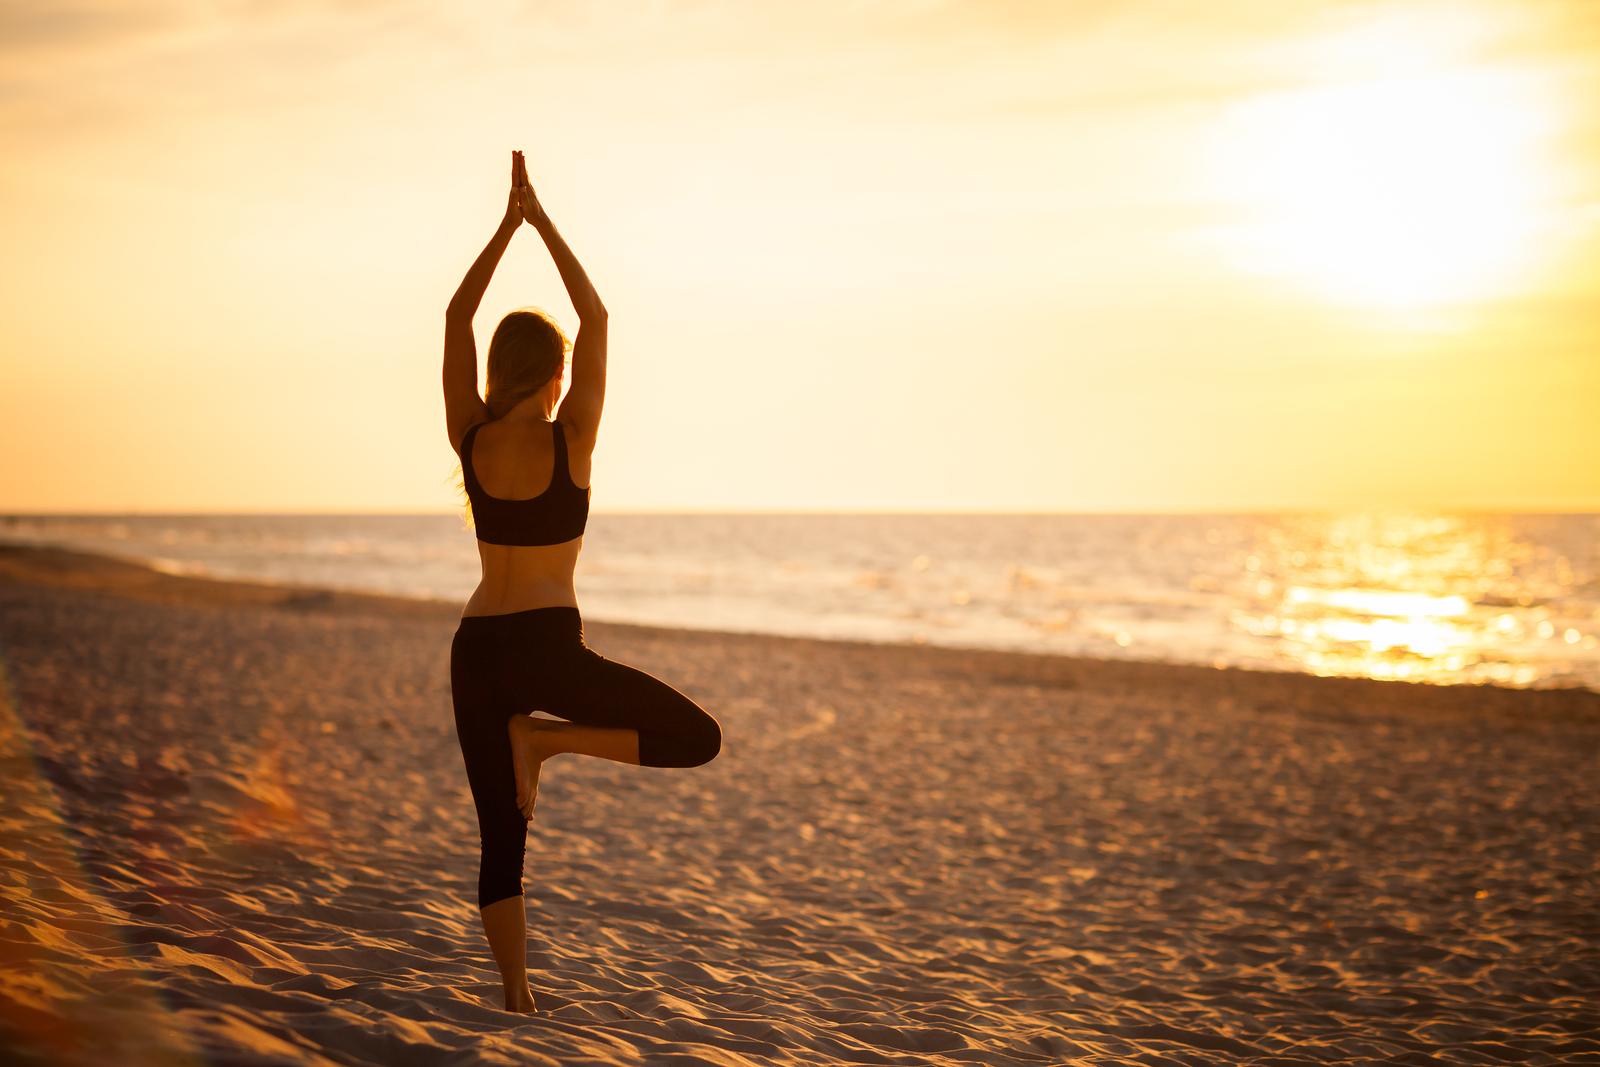 How to Do Tadasana? Mountain Pose Technique & Benefits